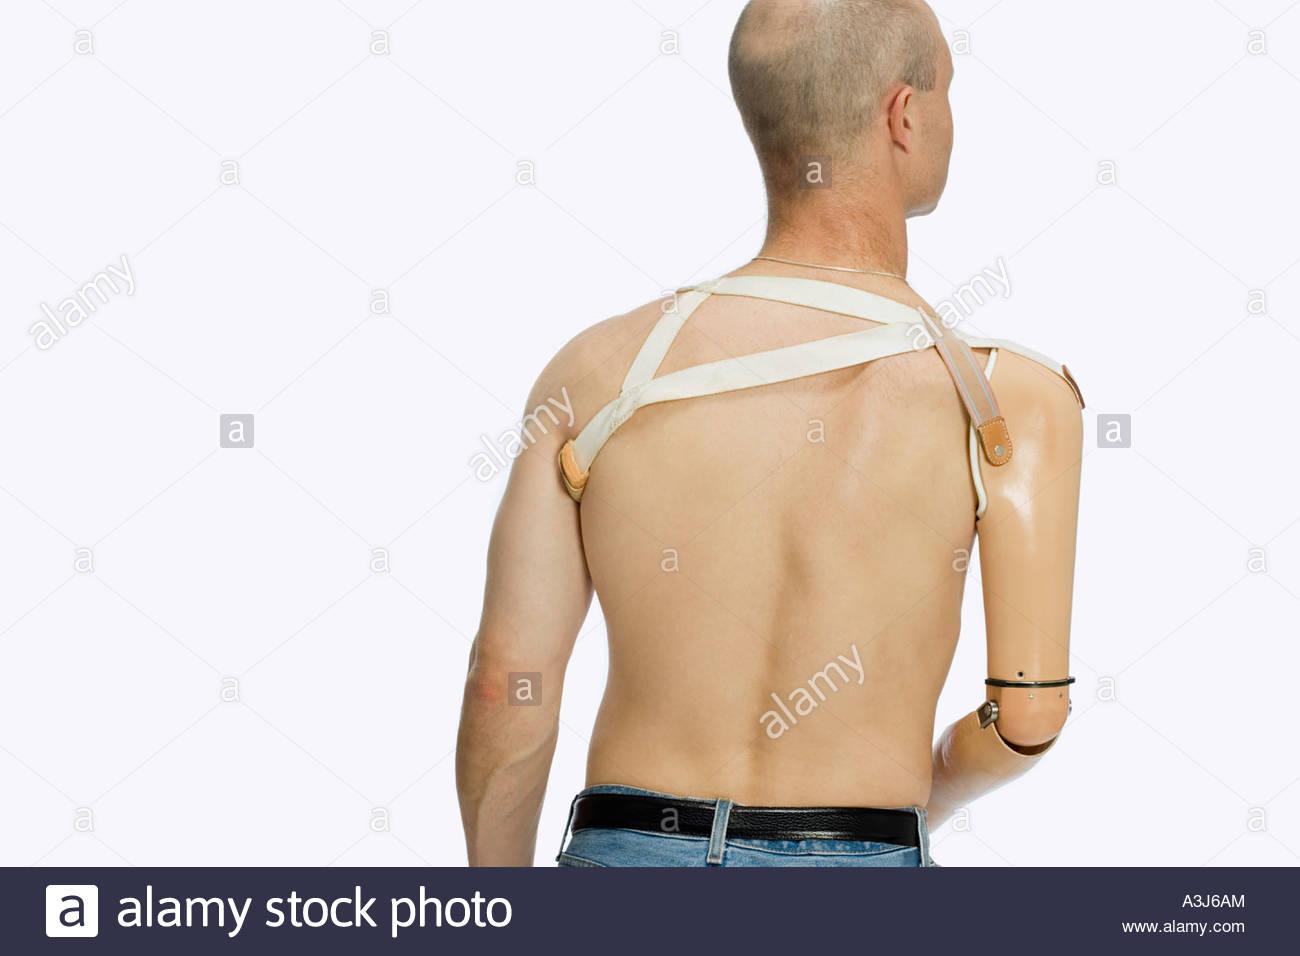 Vue arrière d'un homme avec un membre artificiel Photo Stock